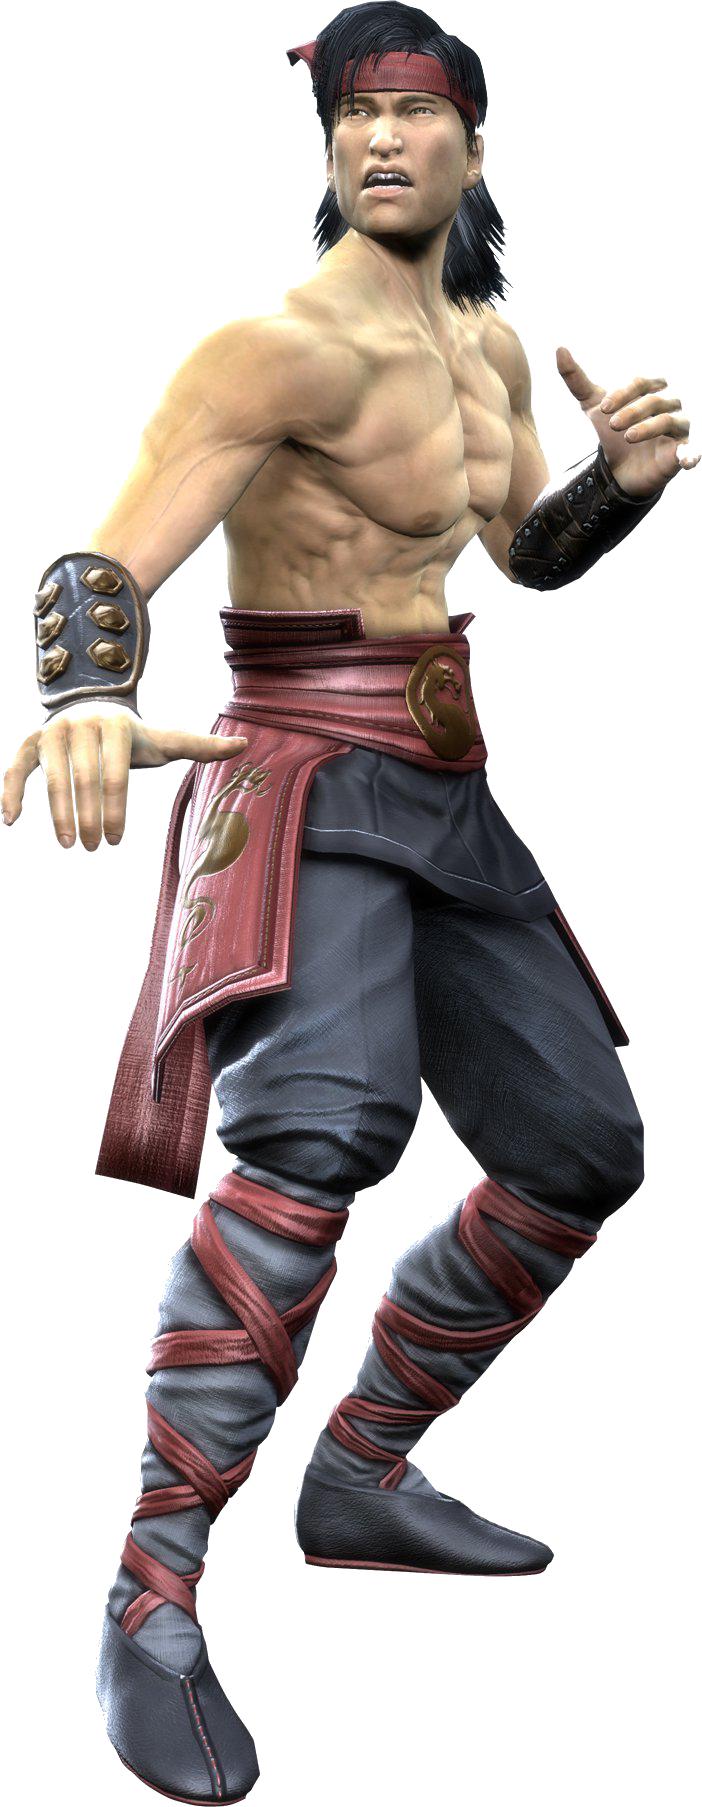 Mortal Kombat Legacy Liu Kang Bing Images Card From User